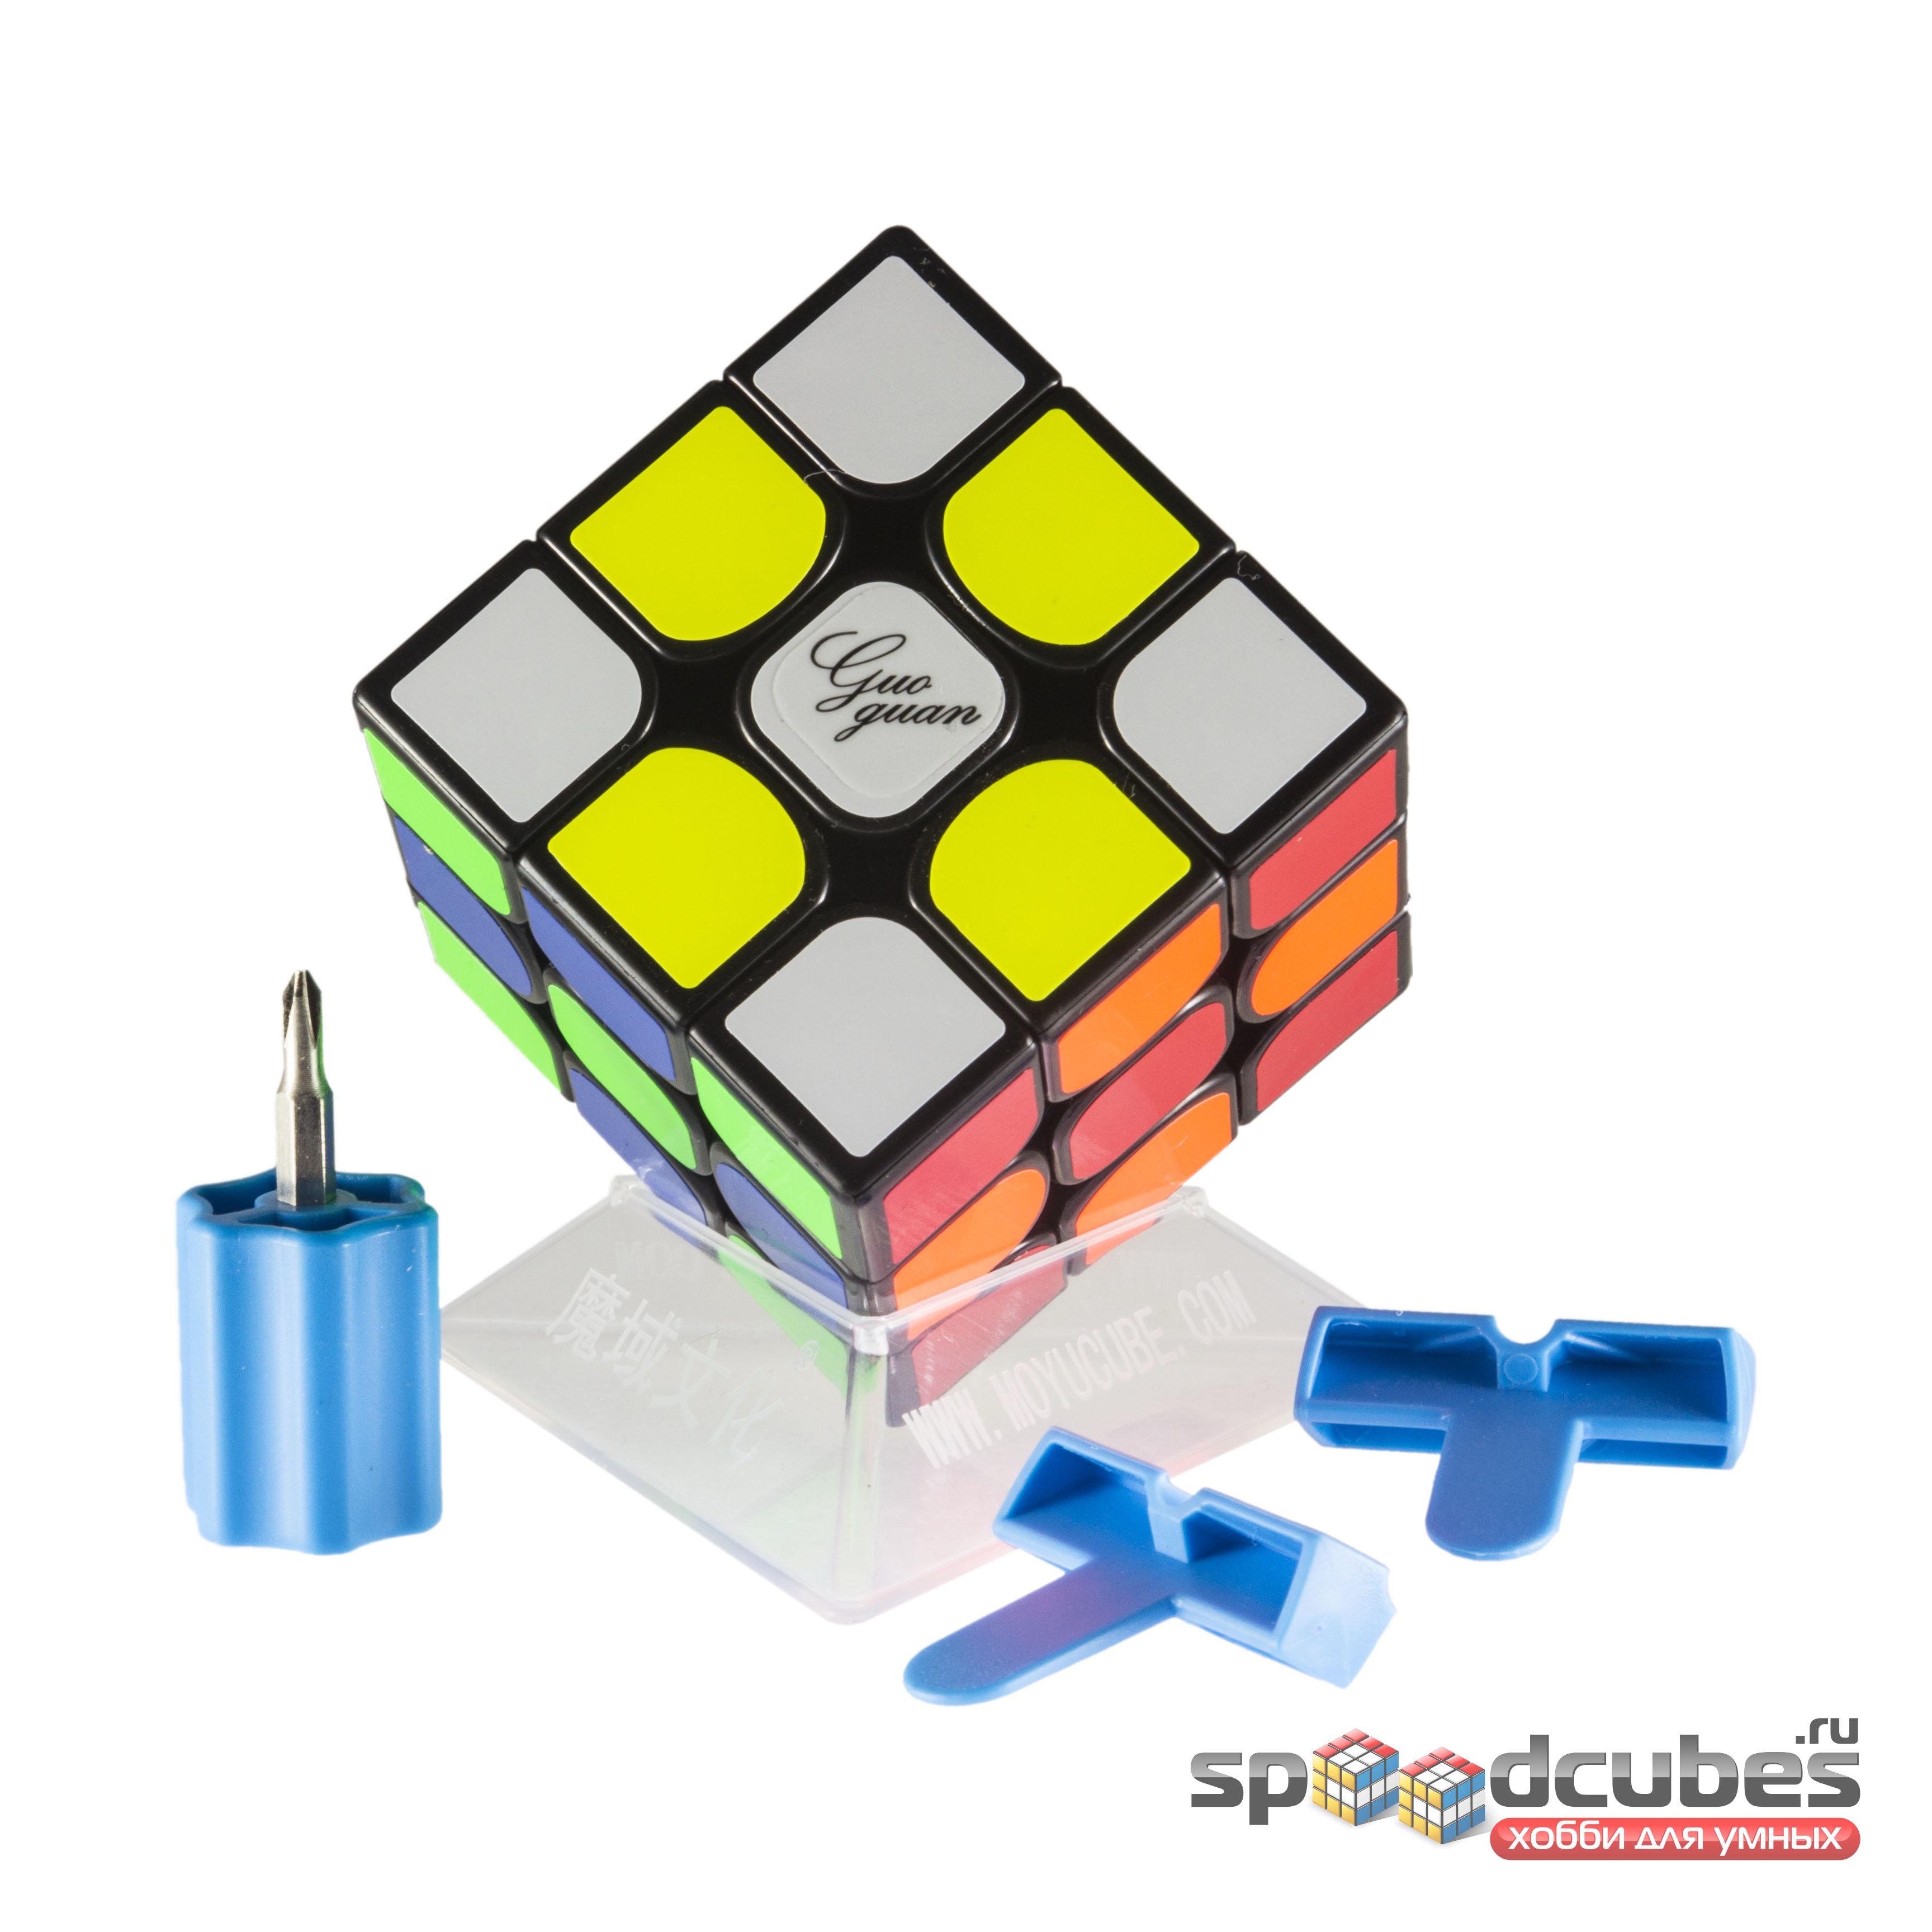 Moyu 3x3x3 Guoguan Yuexiao Pro Black 4